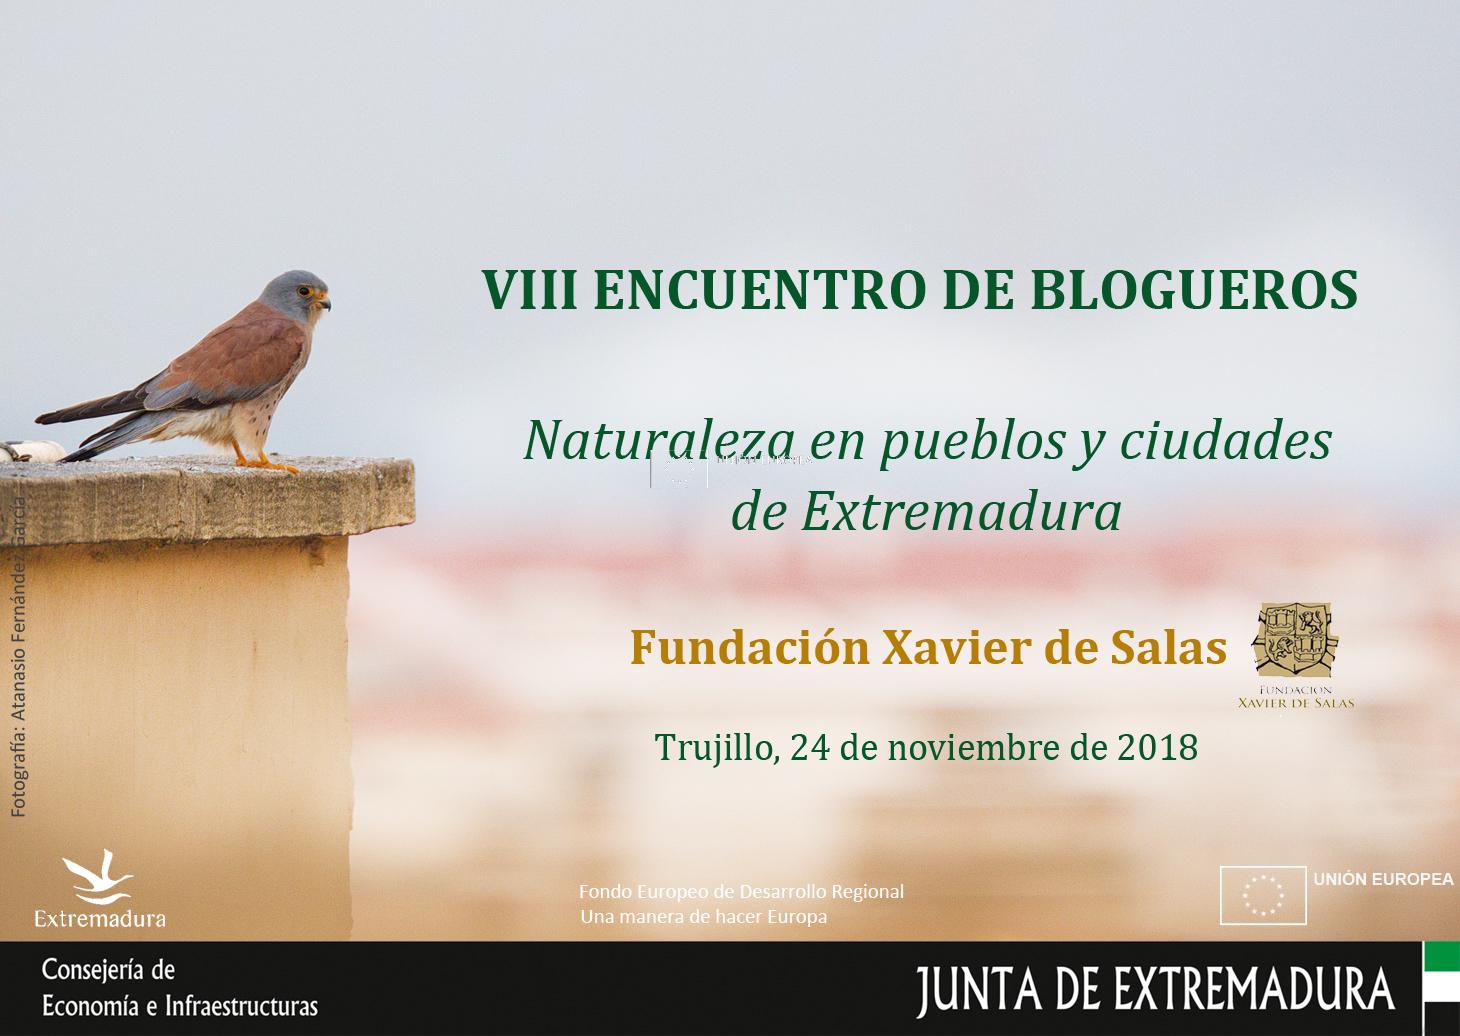 VIII Encuentro de Blogueros de Extremadura